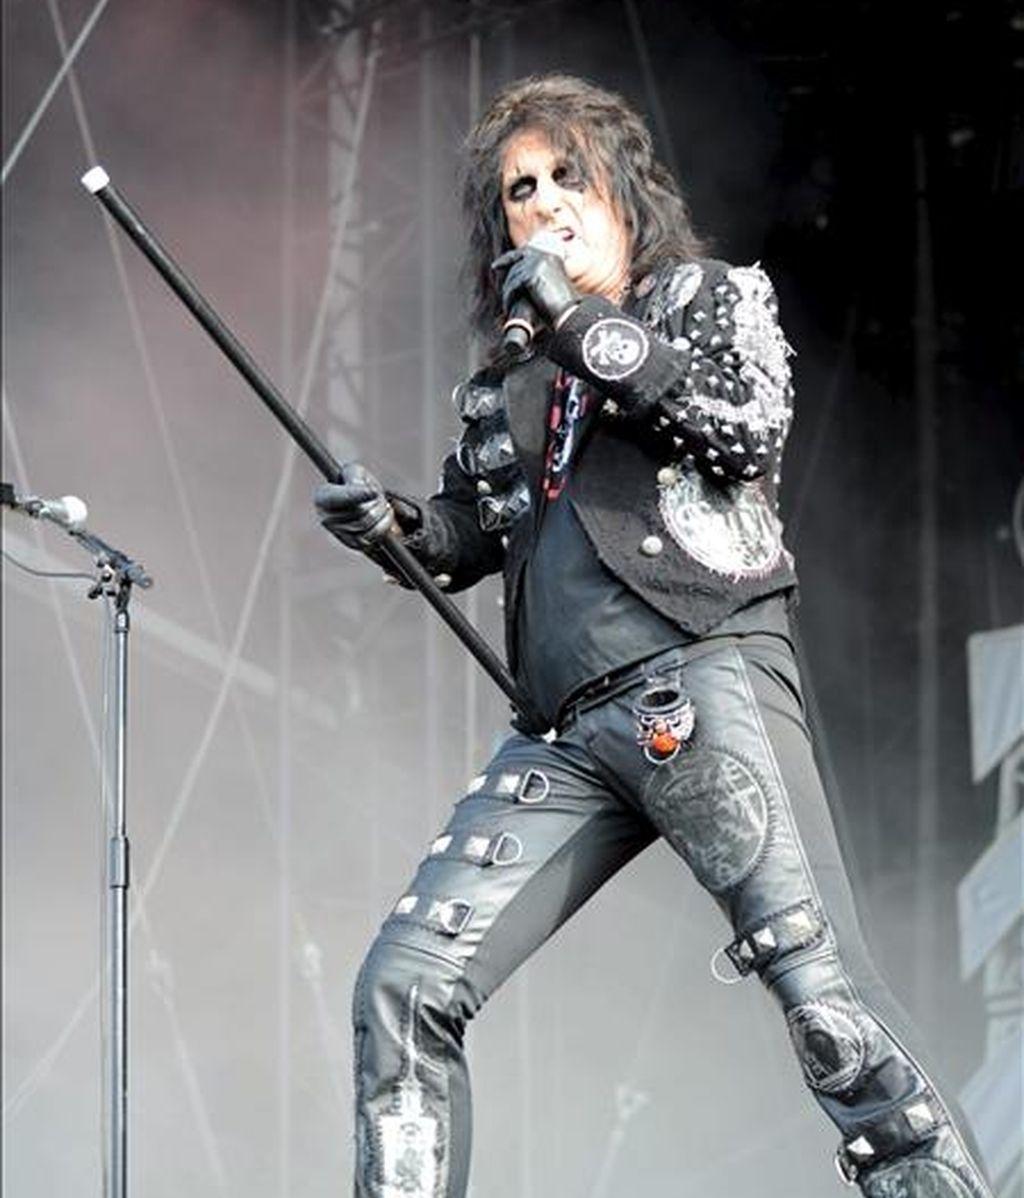 El cantante estadounidense Alice Cooper en una actuación en un festival de Alemania. EFE/Archivo